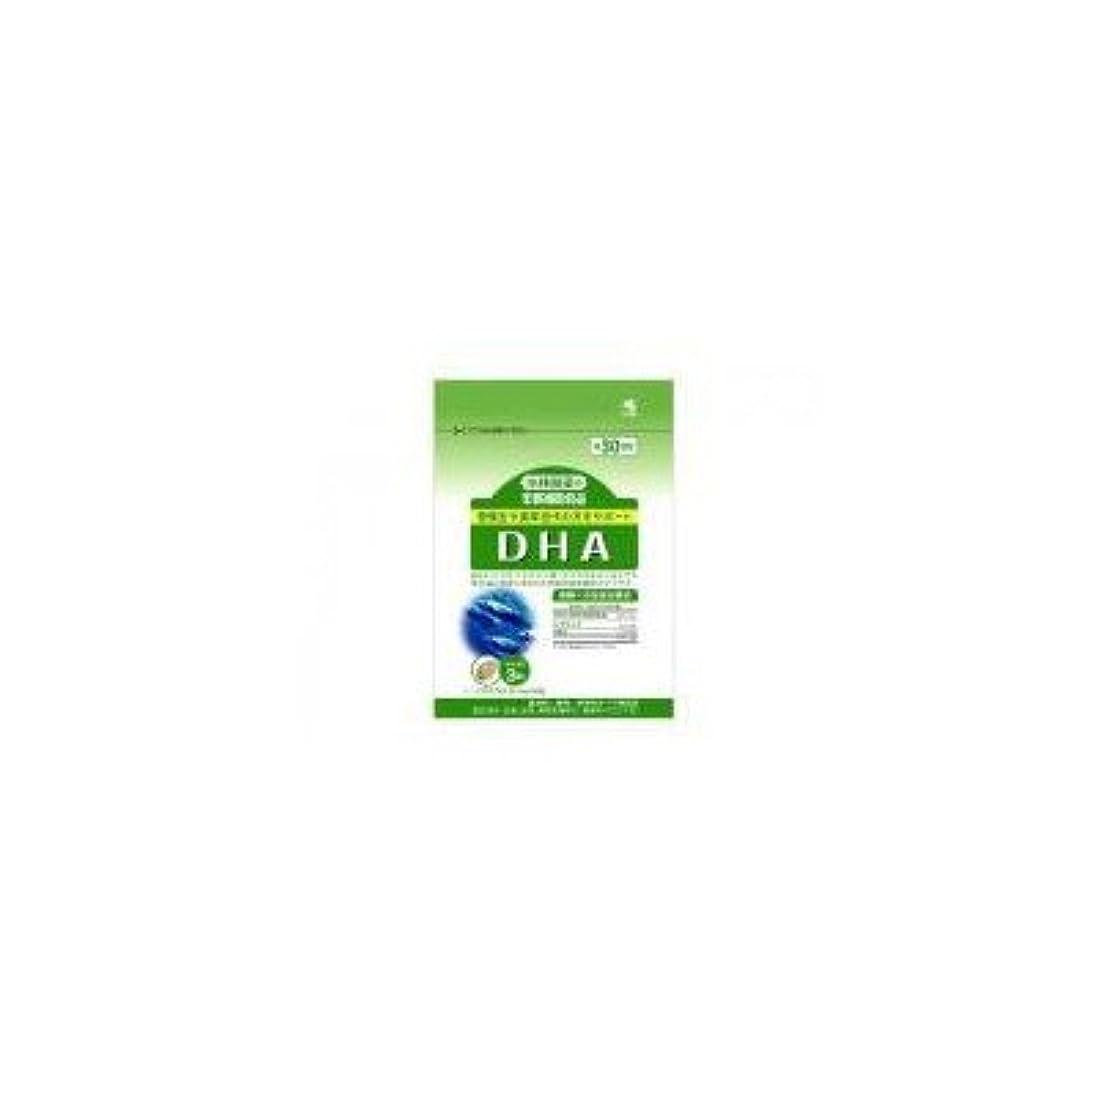 クレタ食料品店徐々に小林製薬の栄養補助食品 DHA(90粒 約30日分) 4セット